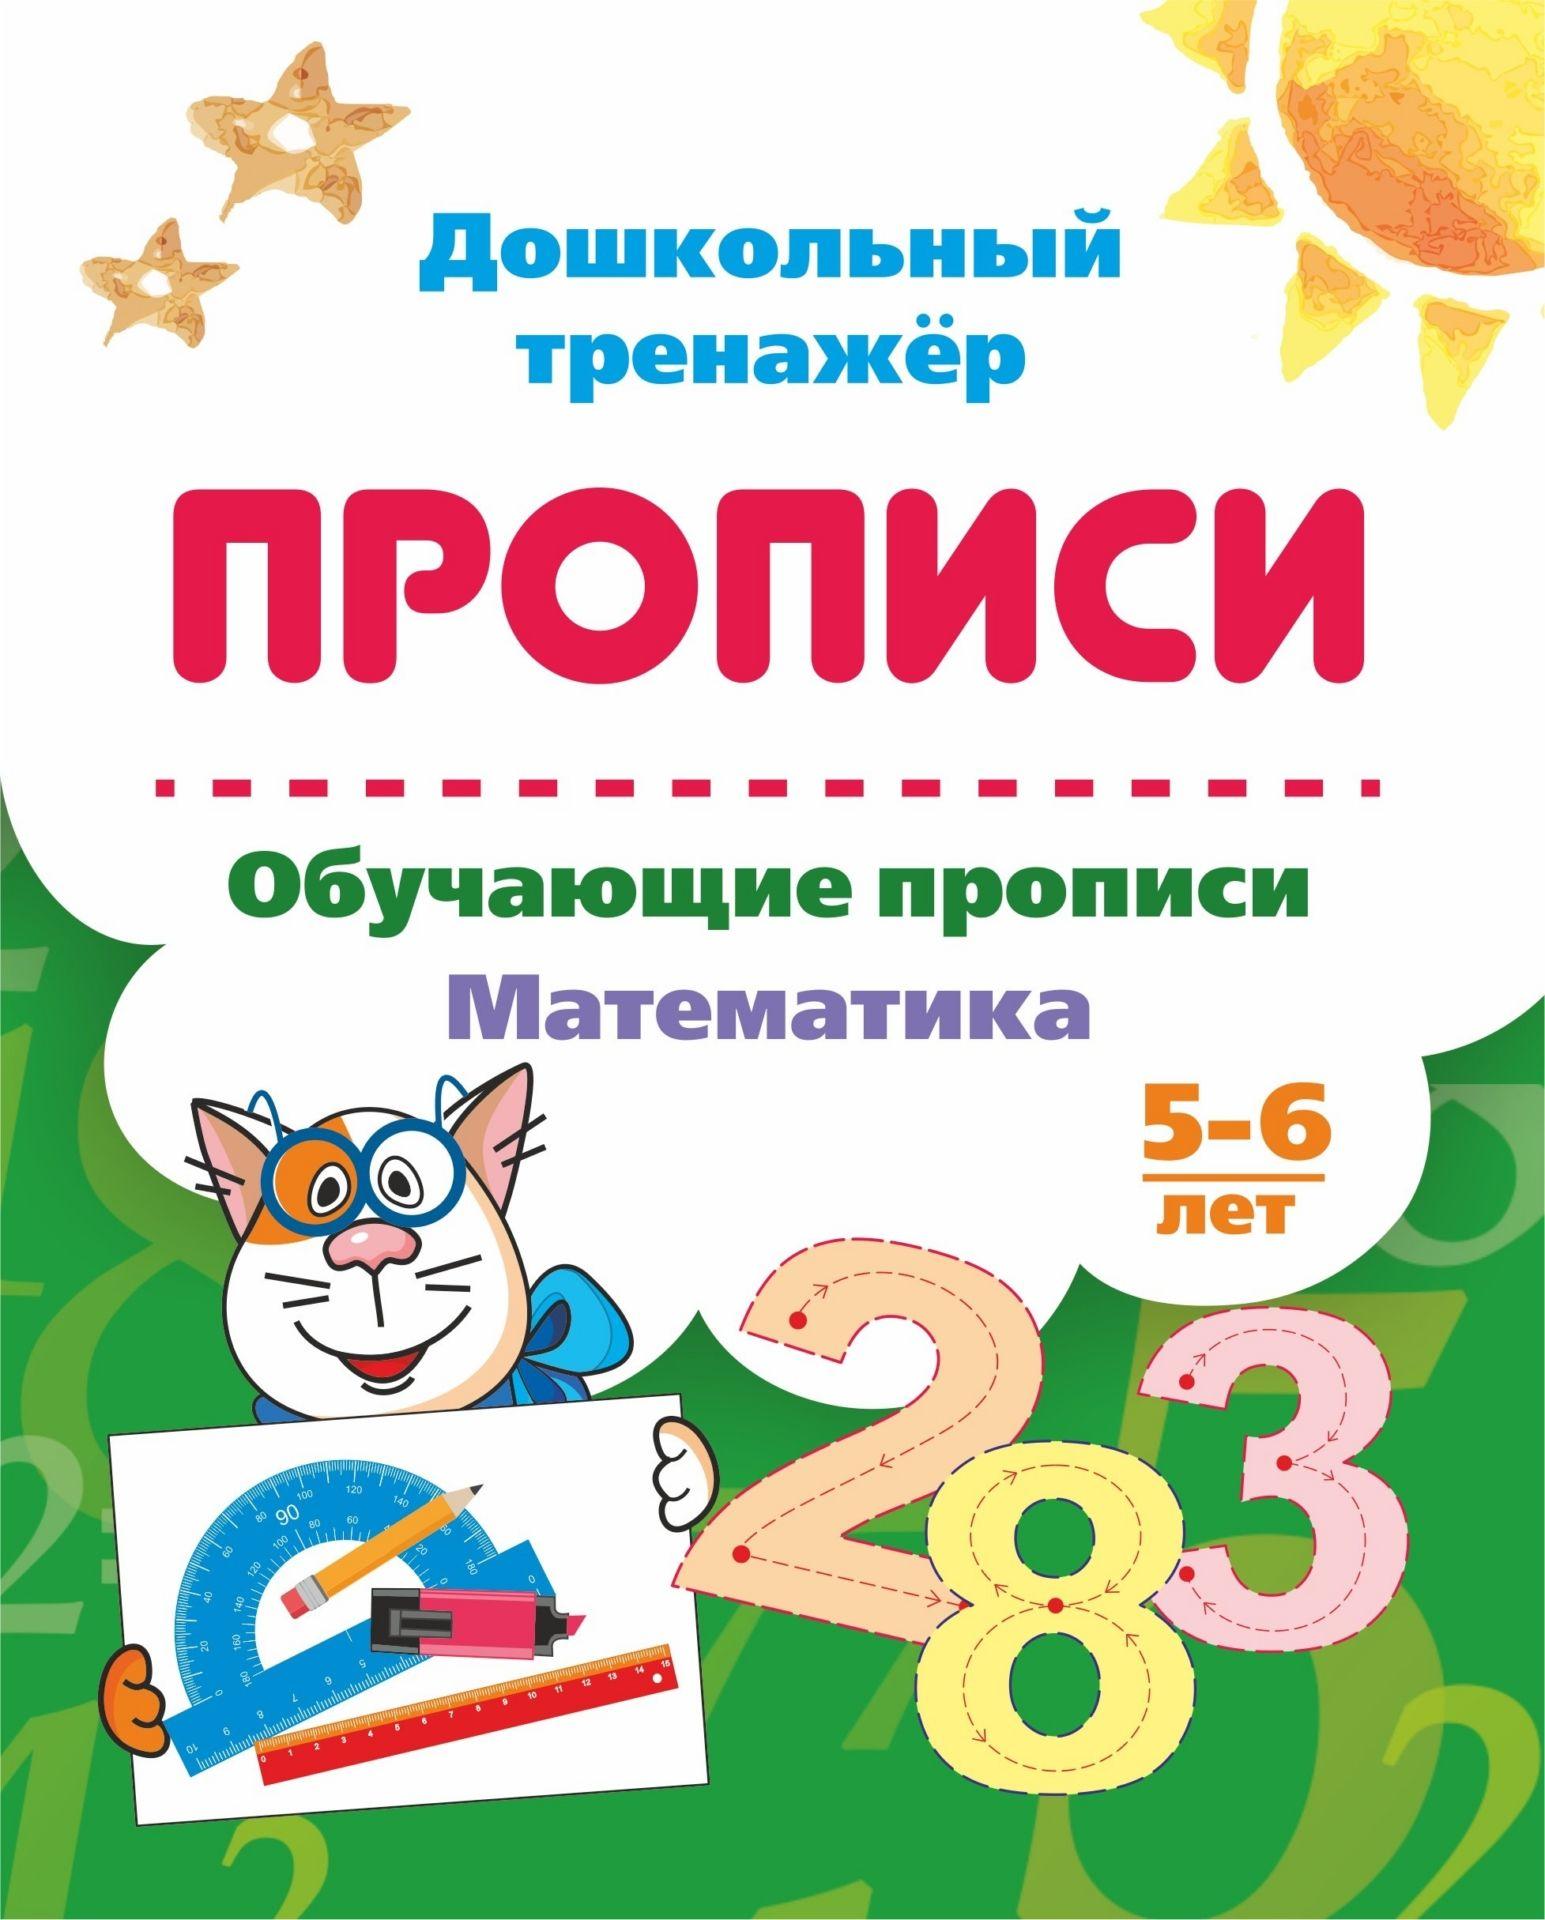 Обучающие прописи. Математика. 5-6 лет